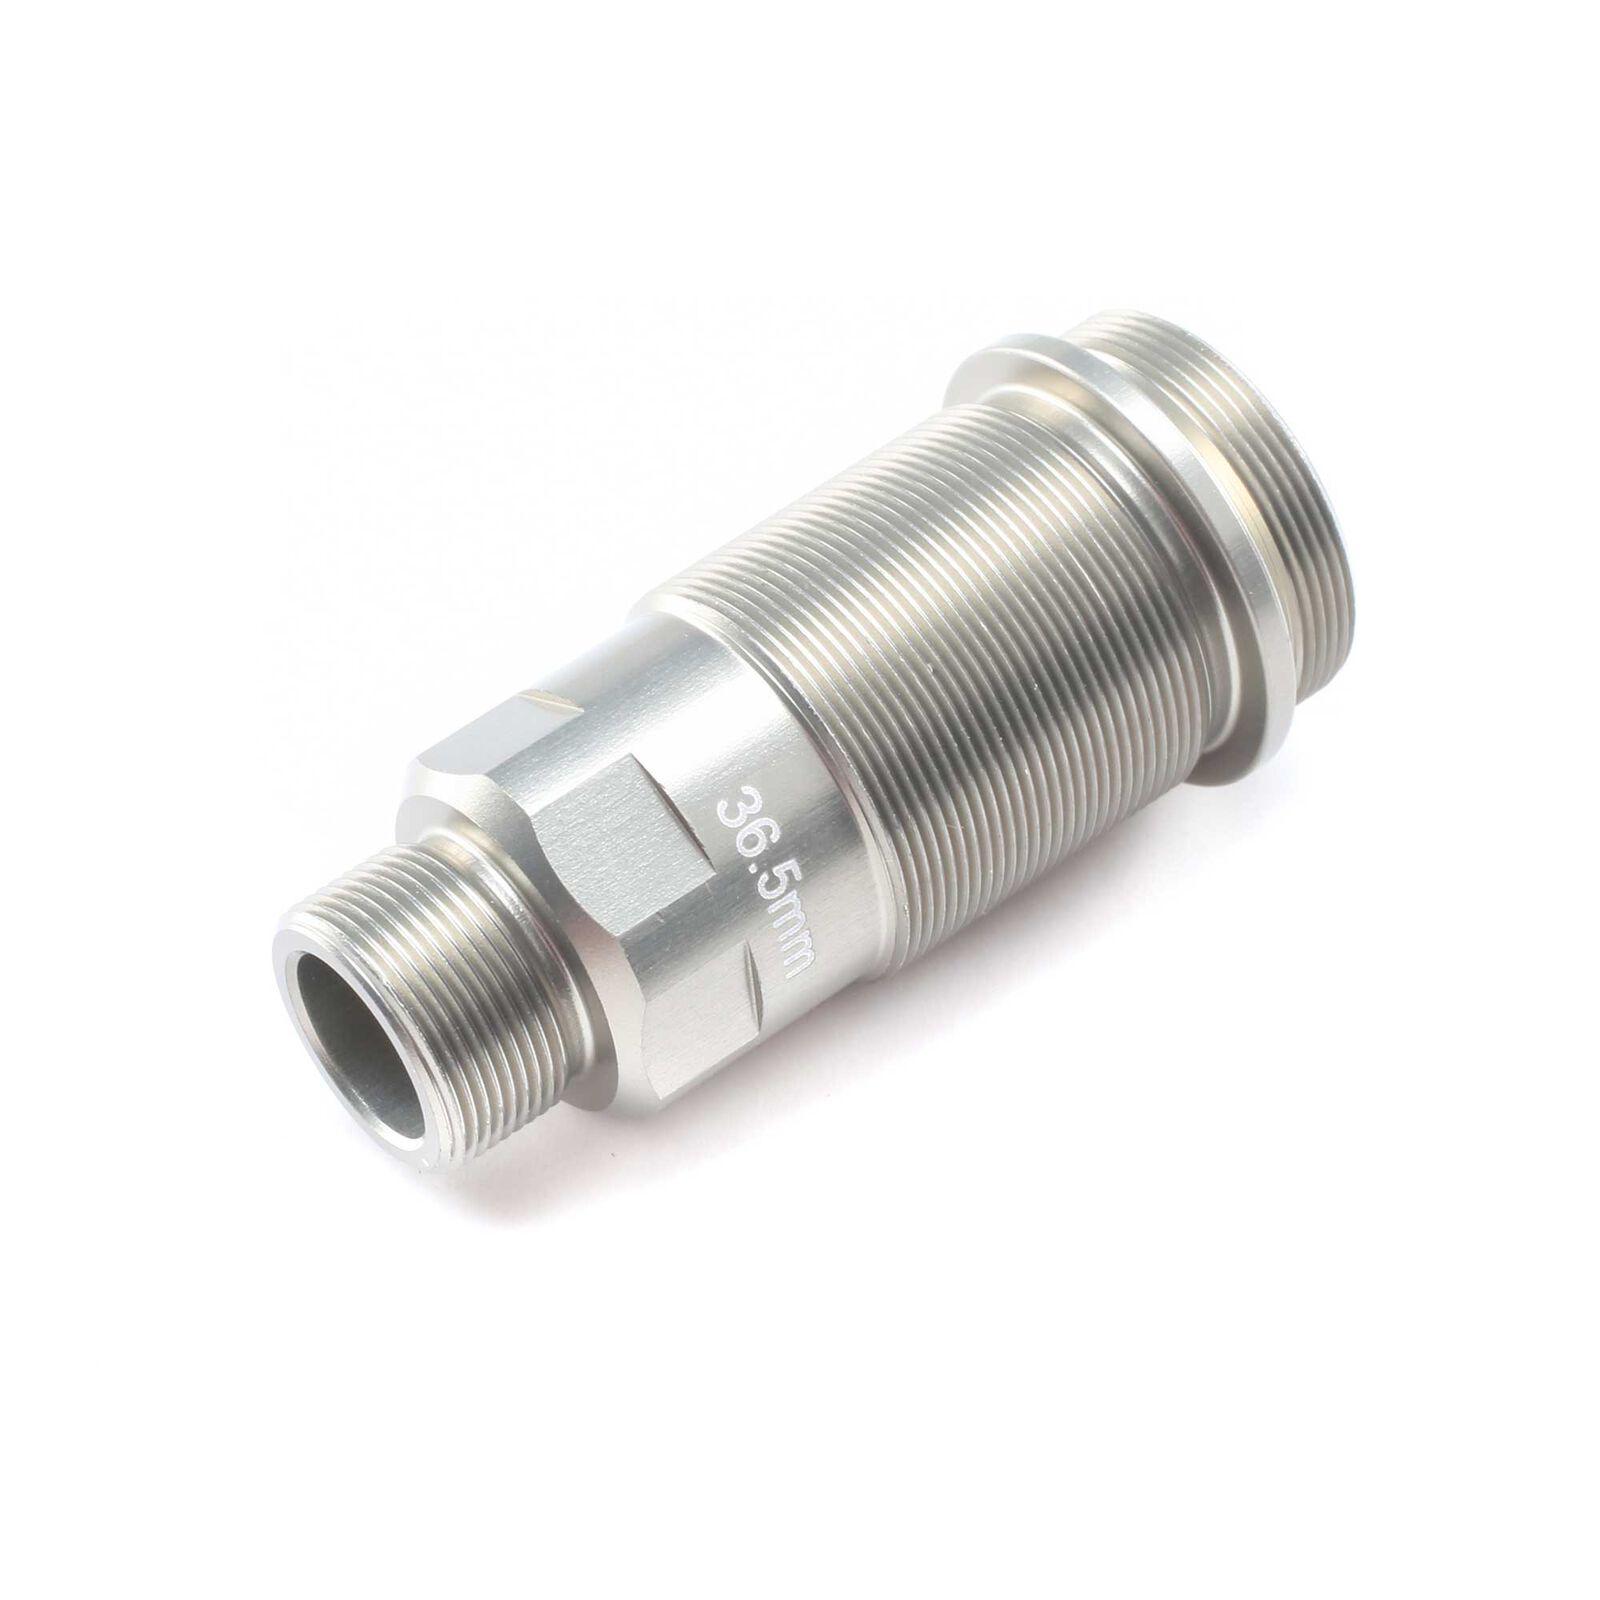 Shock Body 36.5mm, G3 3.5 (1)